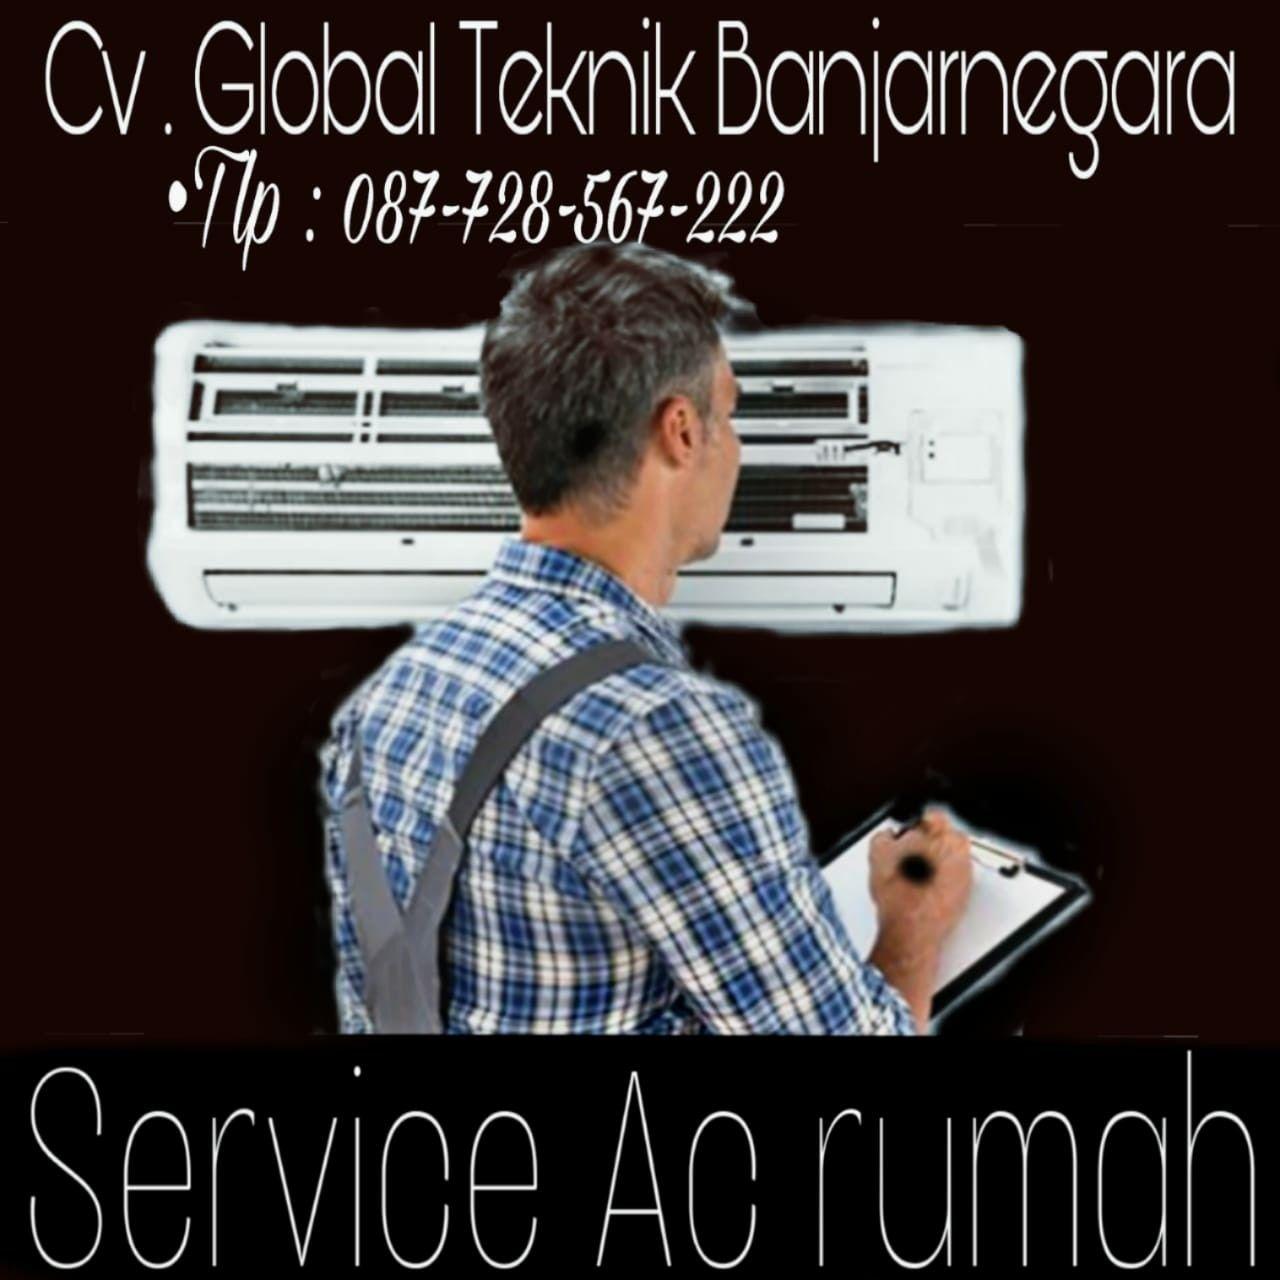 Service Ac Rumah Banjarnegara 087 728 567 222 Cv Global Teknik